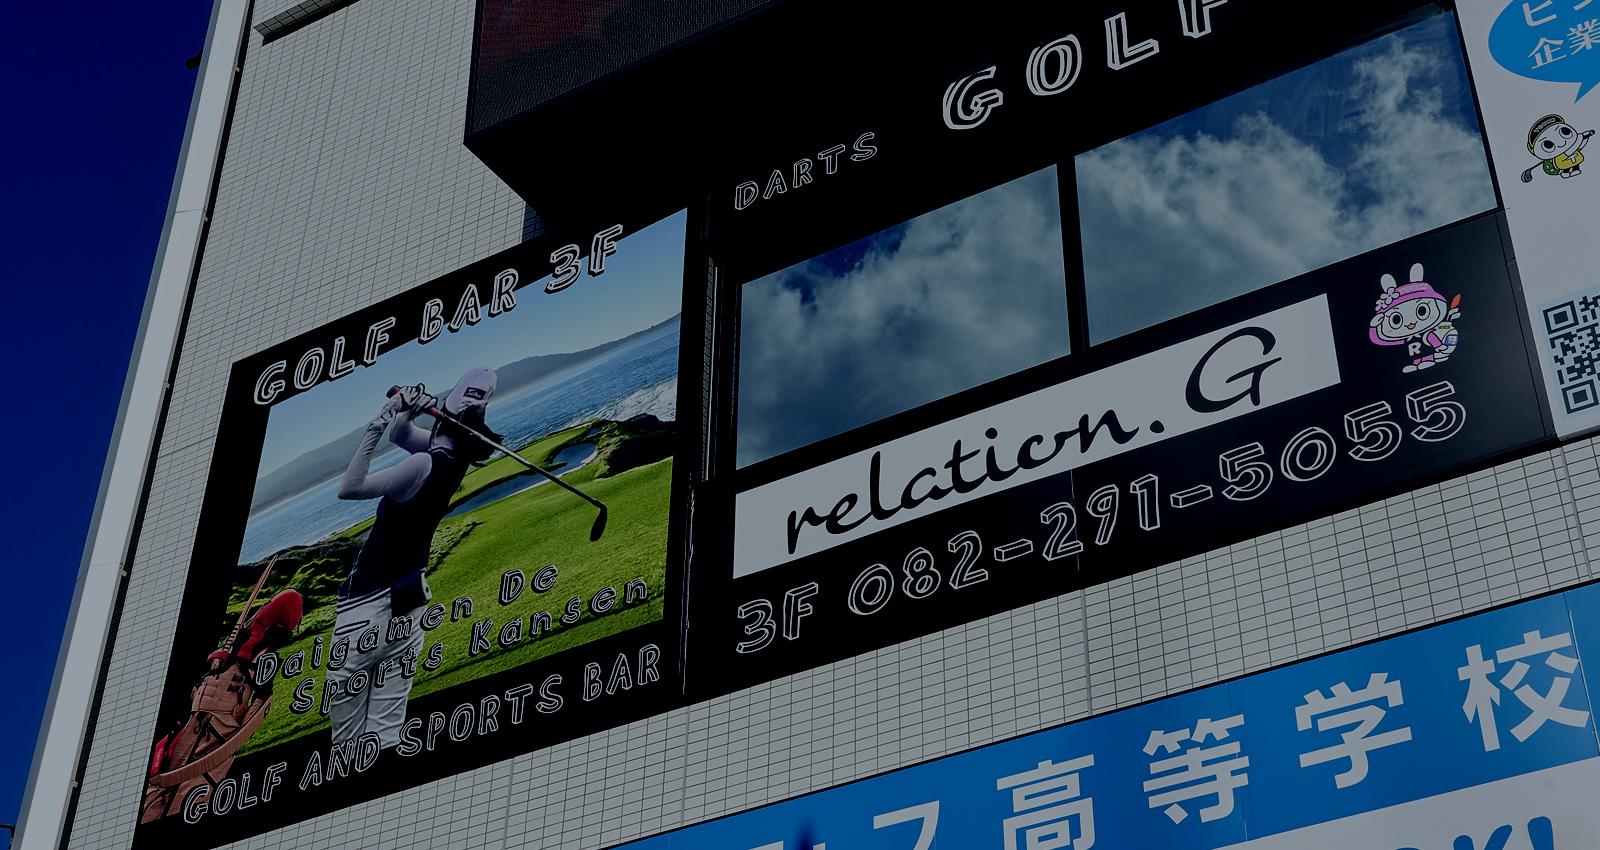 広島のゴルフバー relation.Gのアクセス